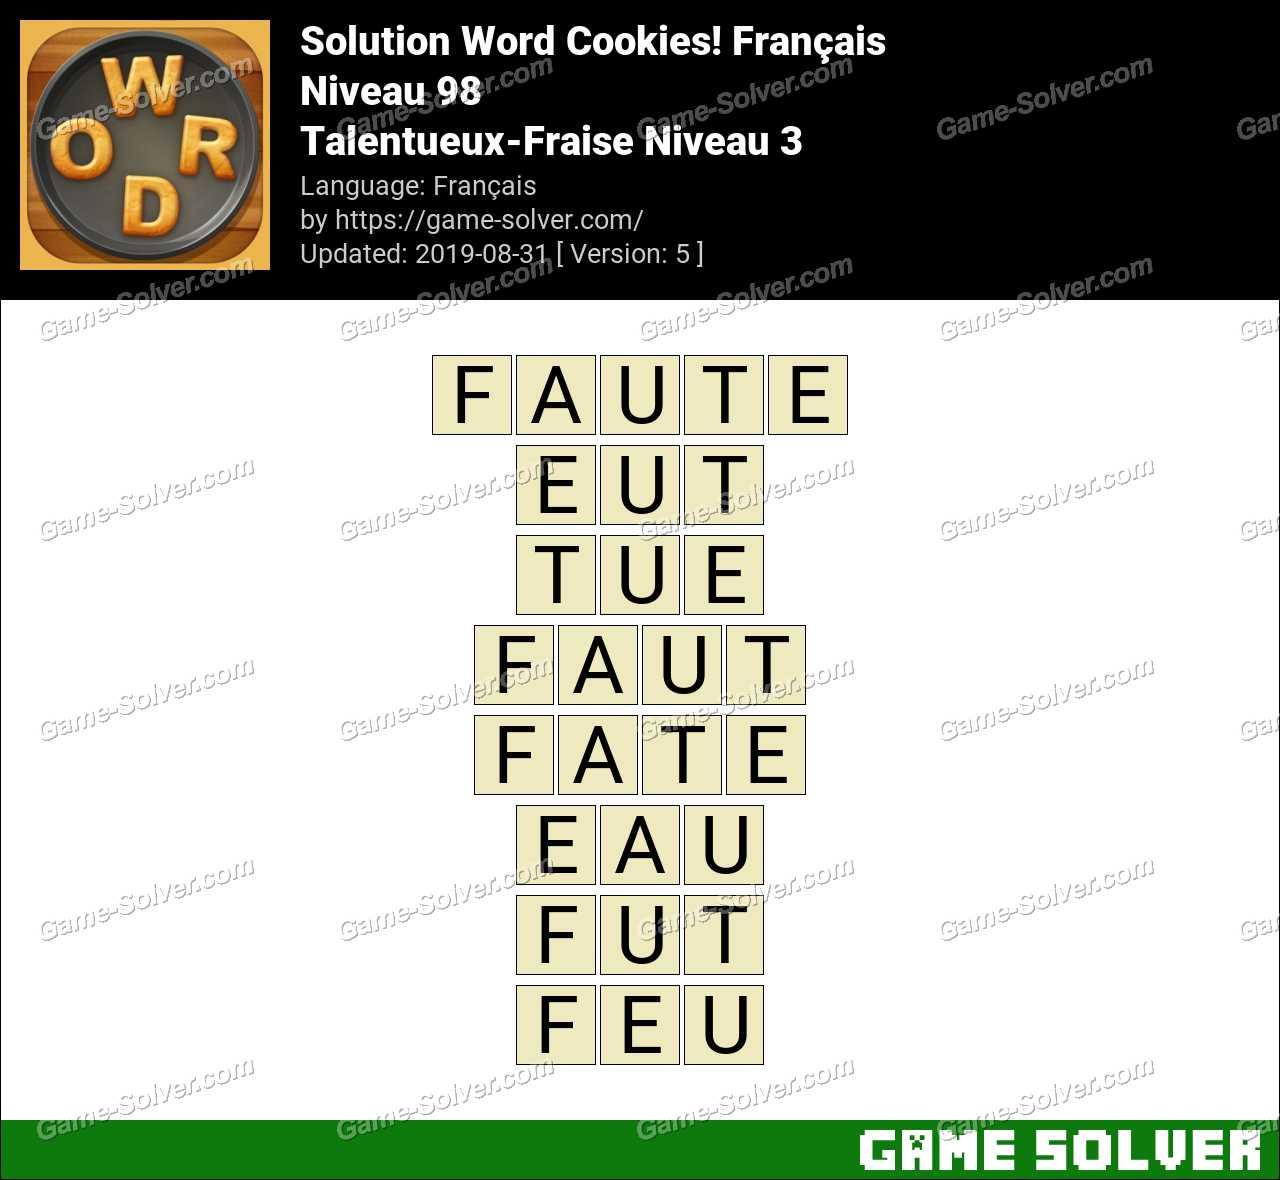 Solution Word Cookies Talentueux-Fraise Niveau 3